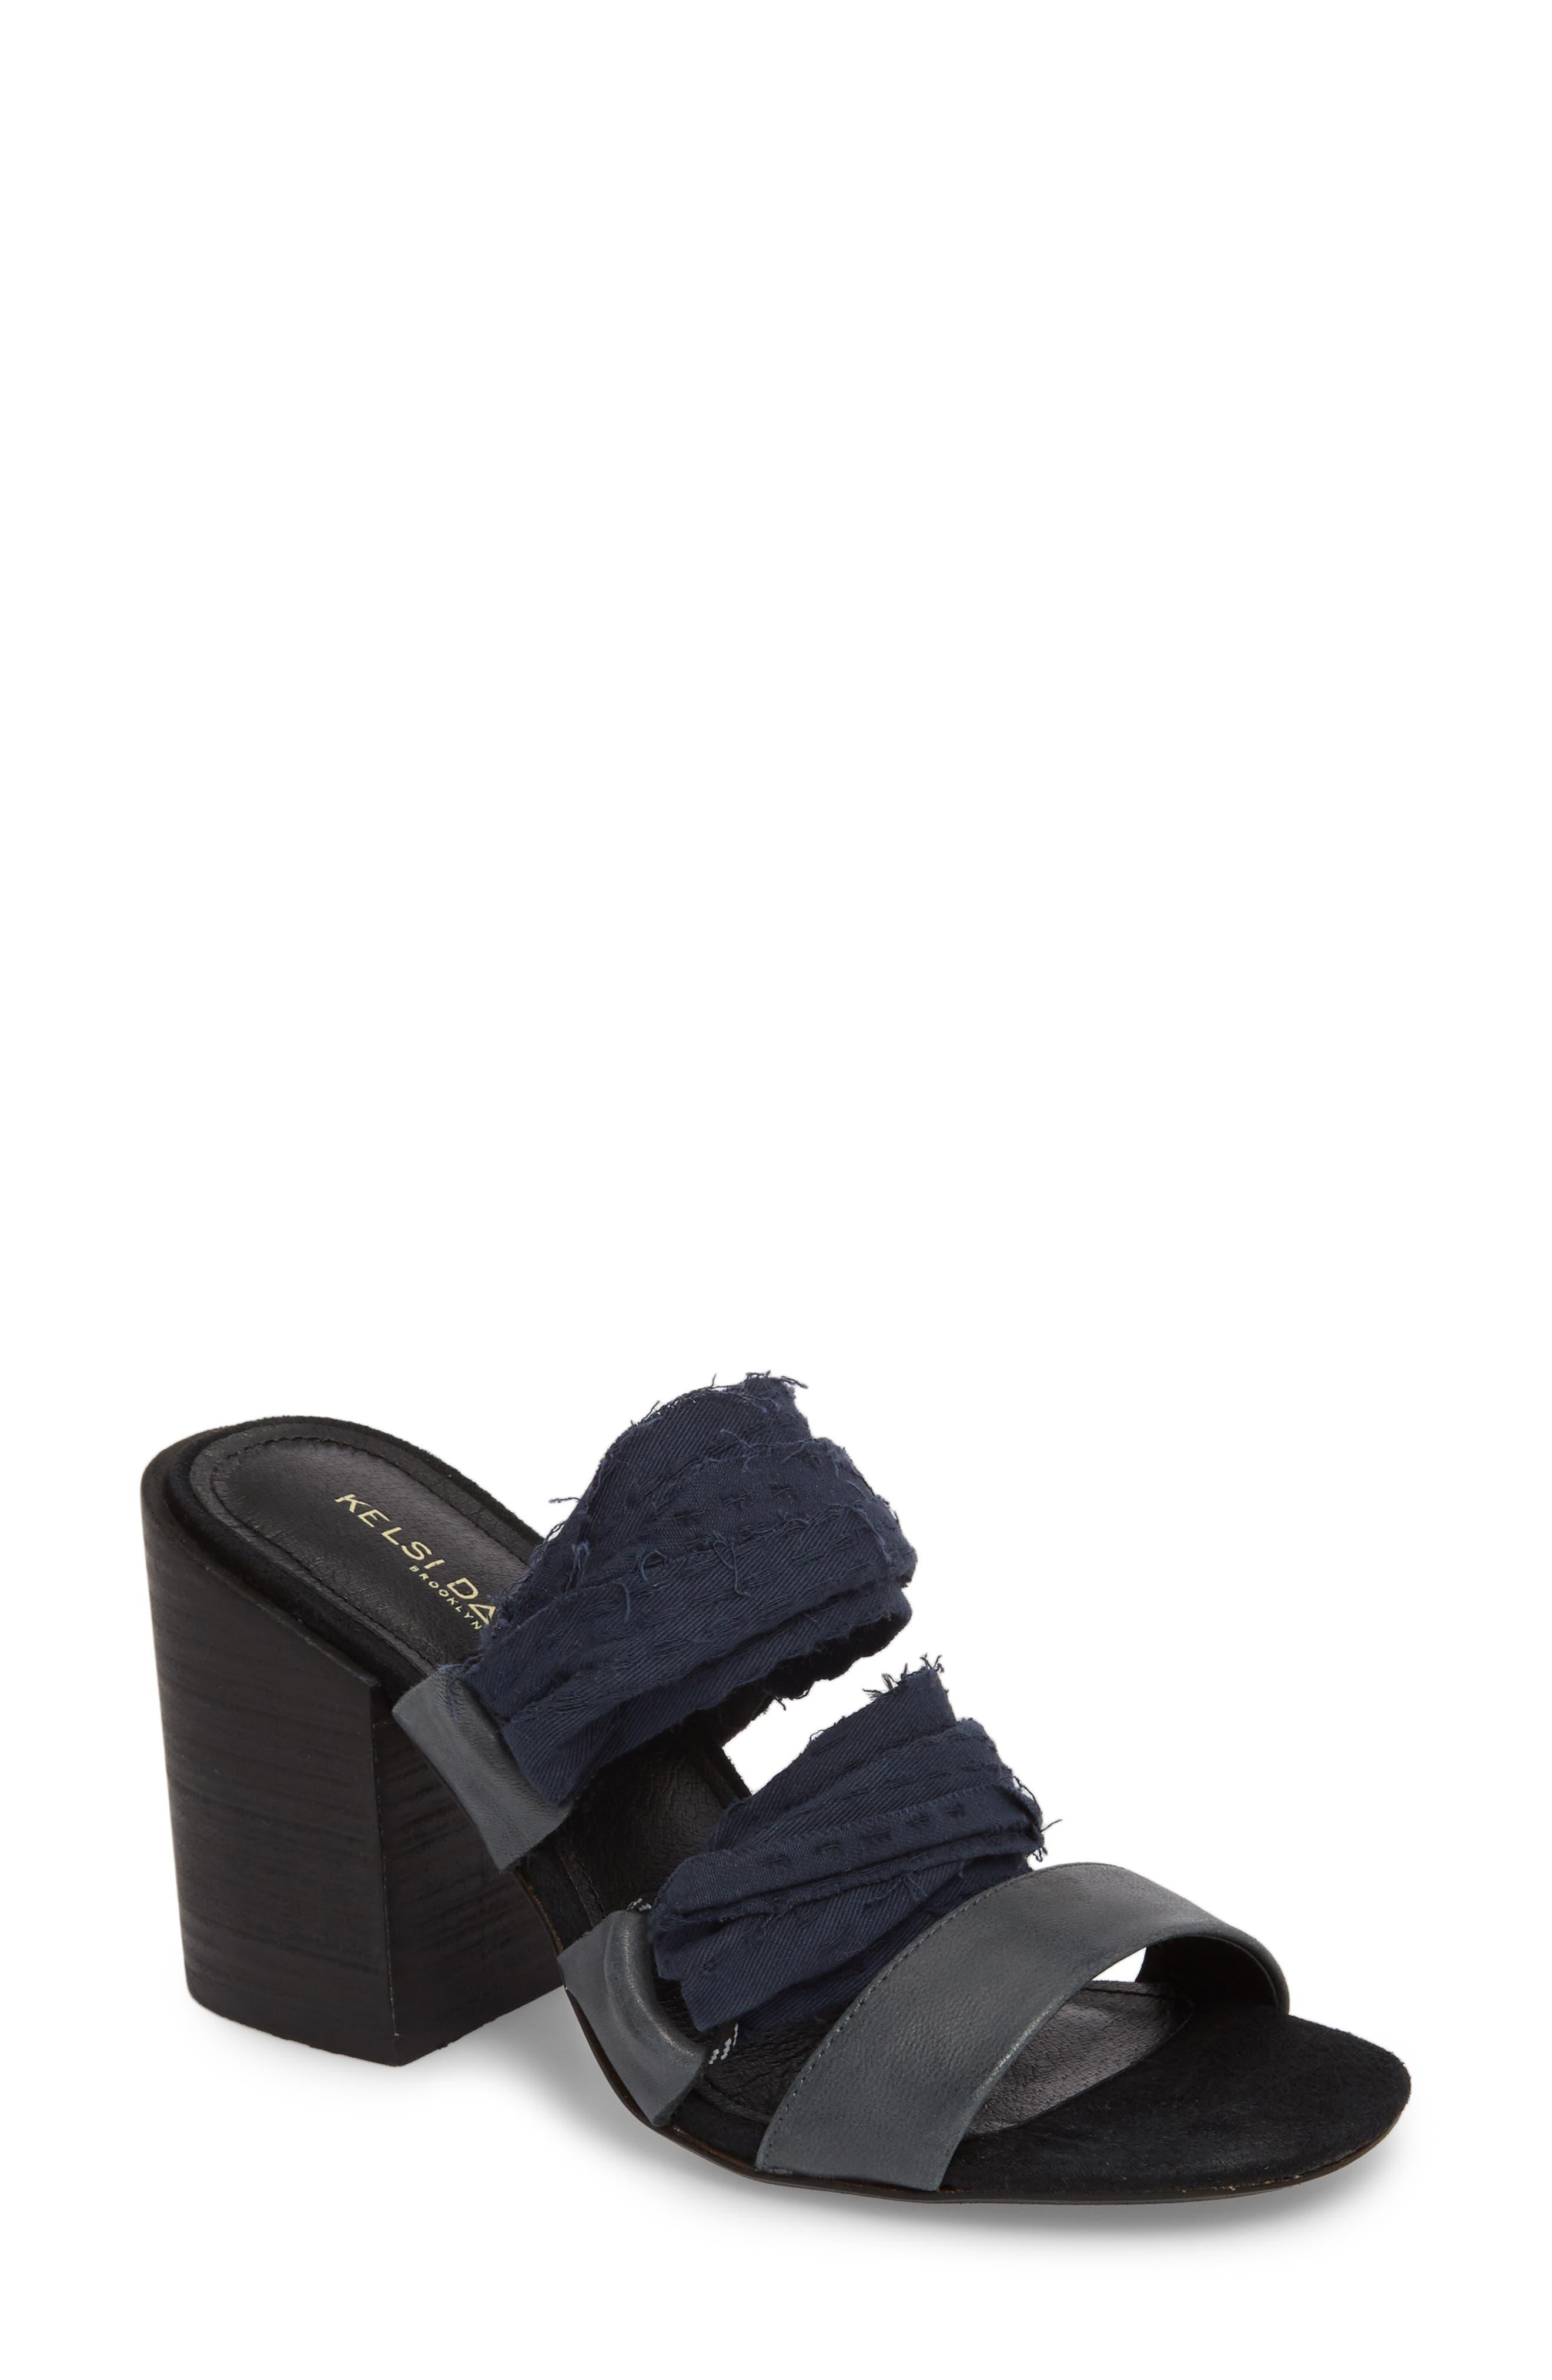 Monaco Slide Sandal,                         Main,                         color, 001